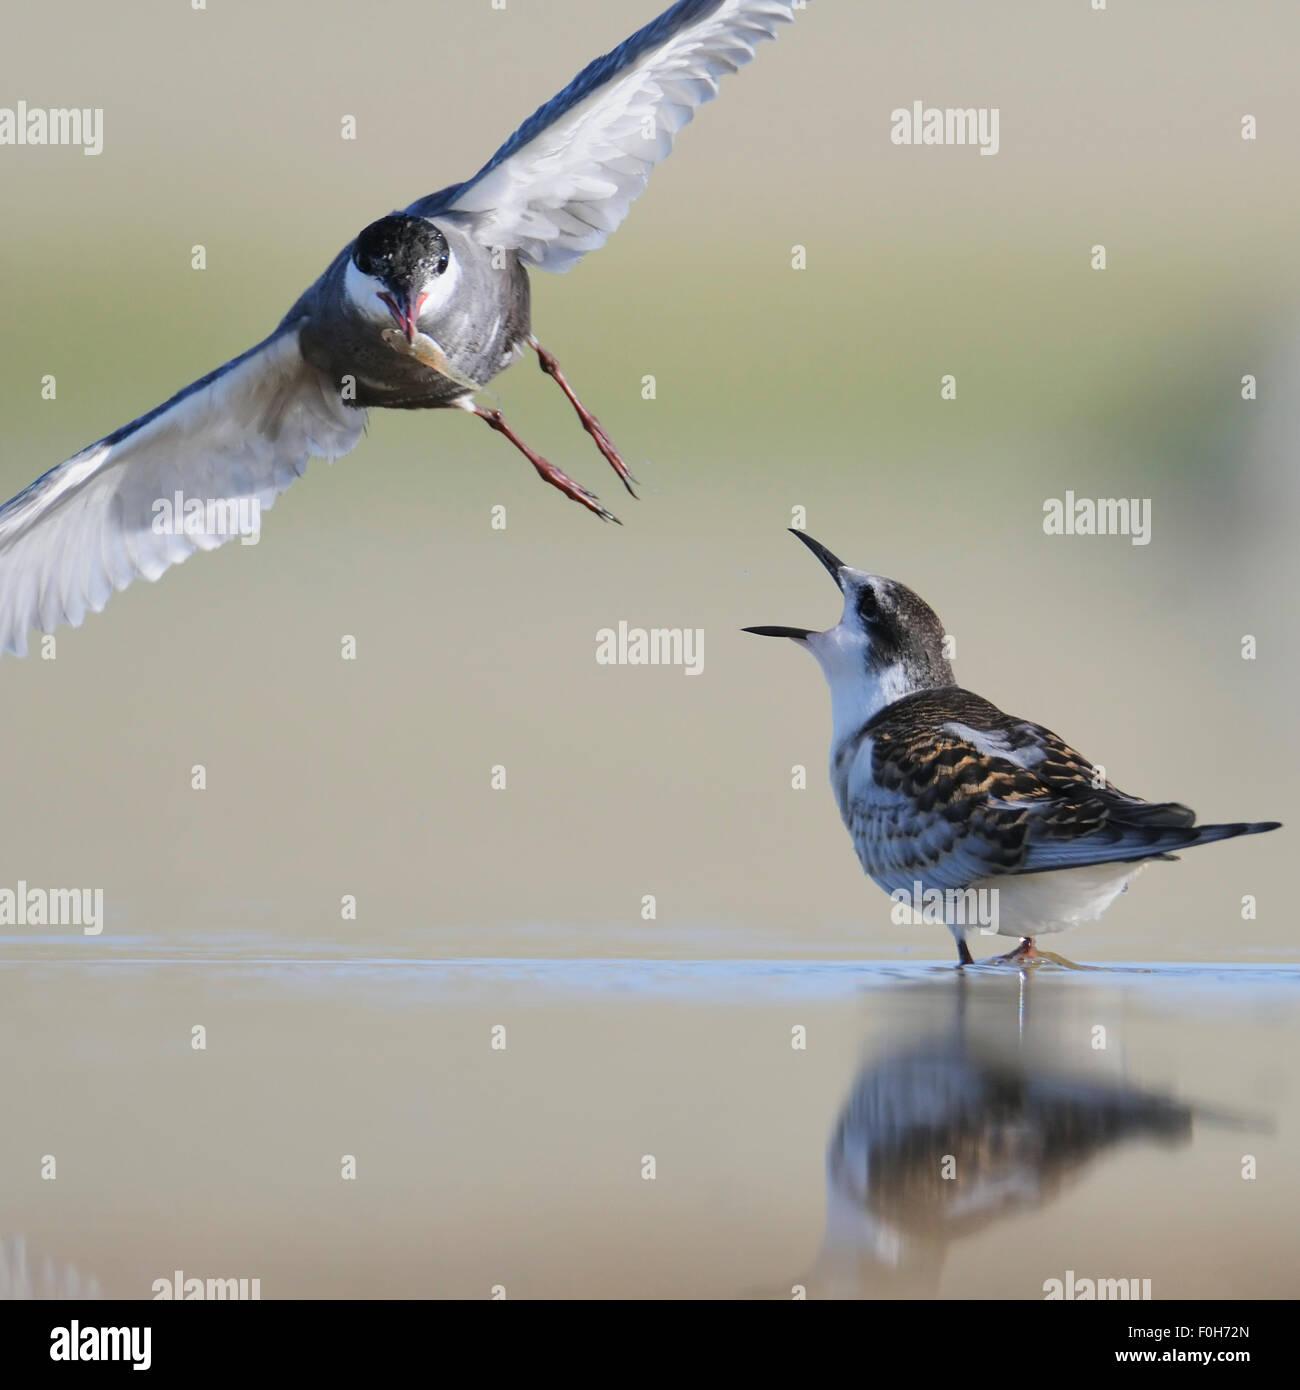 Flying sterne naine rss un poussin au bord du lac Banque D'Images